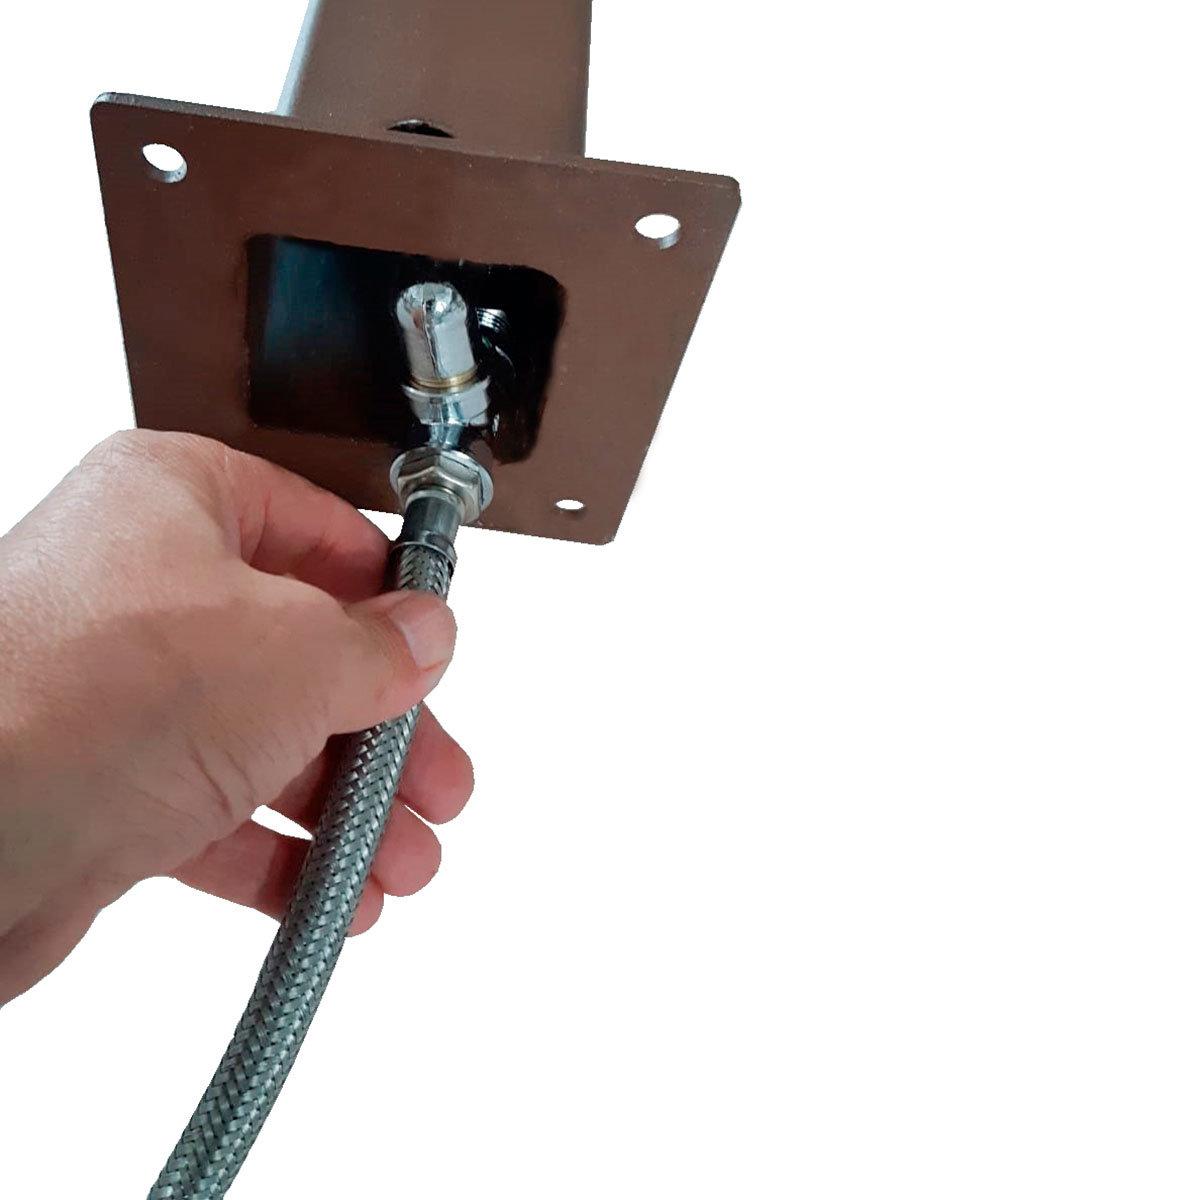 Überirdischer Flexischlauch für Wassersäule Tondo, Quadra und Silverline, 47x7x2,5 cm, Stahl | #2